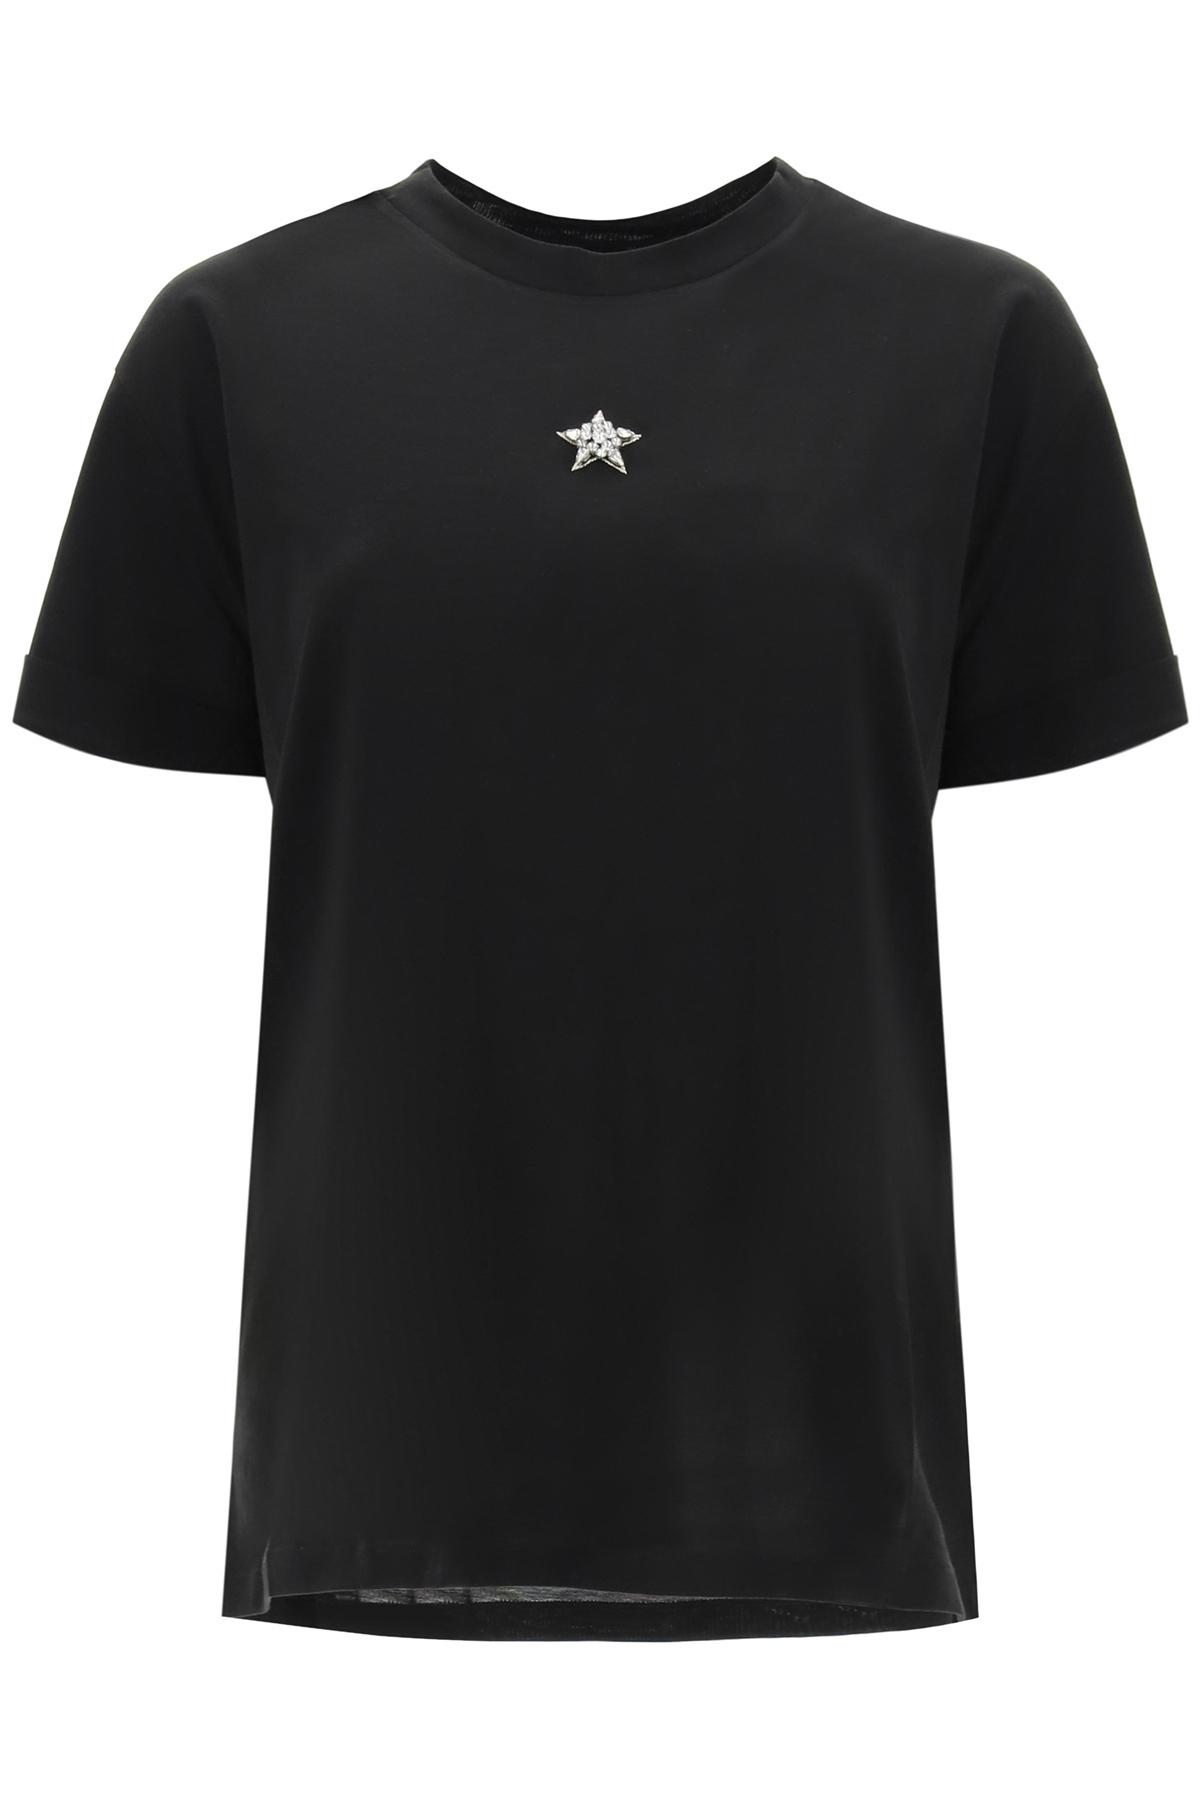 Stella mccartney t-shirt ricamo ministar con cristalli